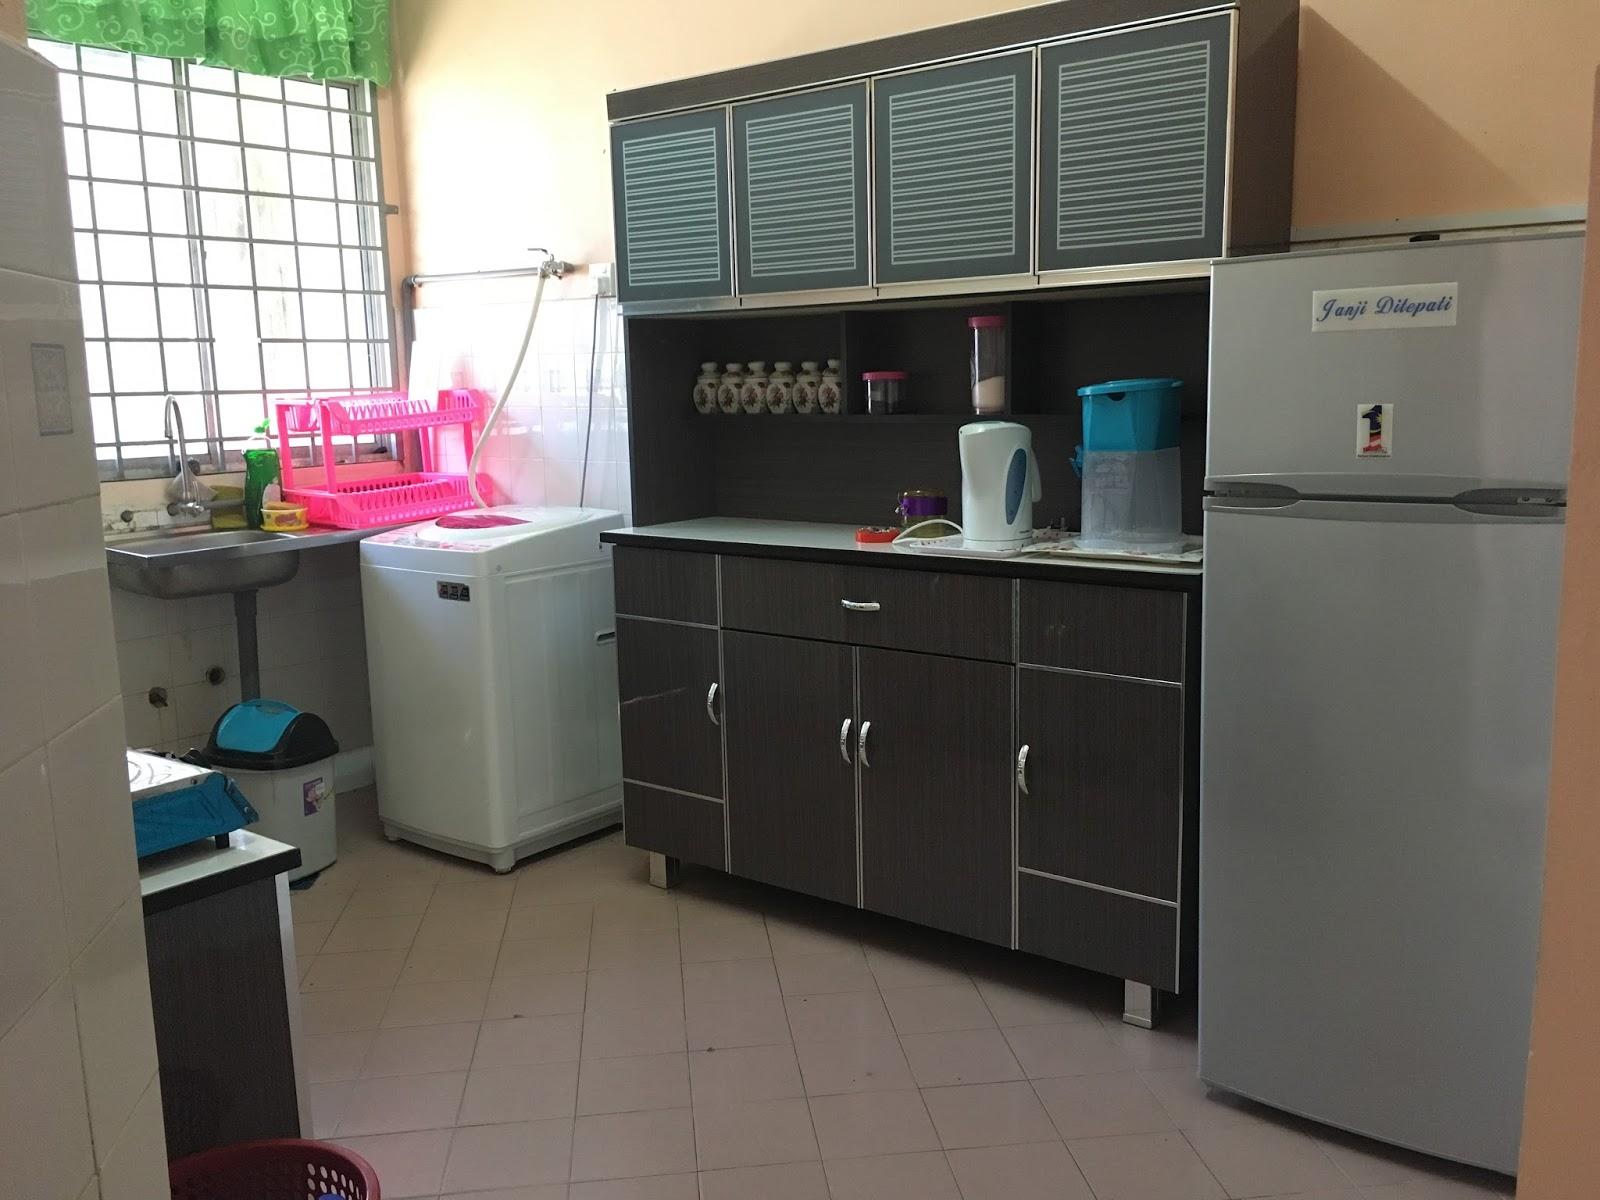 Dapur Memasak Mesin Basuh Peti Ais Dan Peralatan Pinggan Mangkuk Di